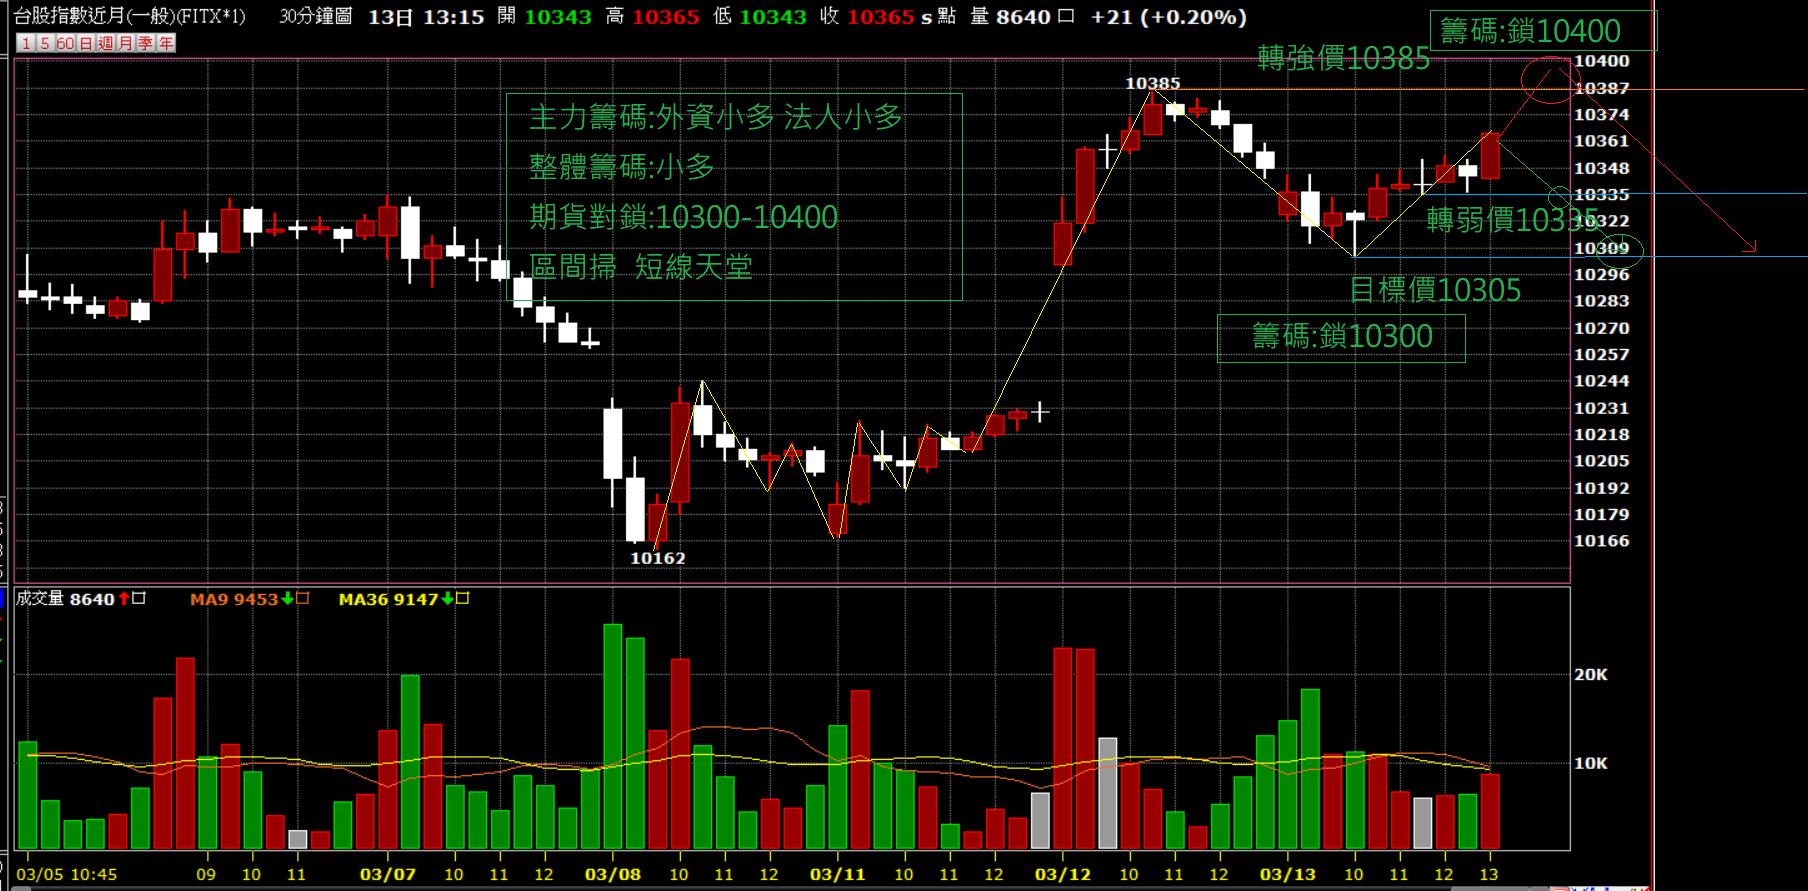 03月14日~~~期貨盤前分析圖表~~~區間結算!!!